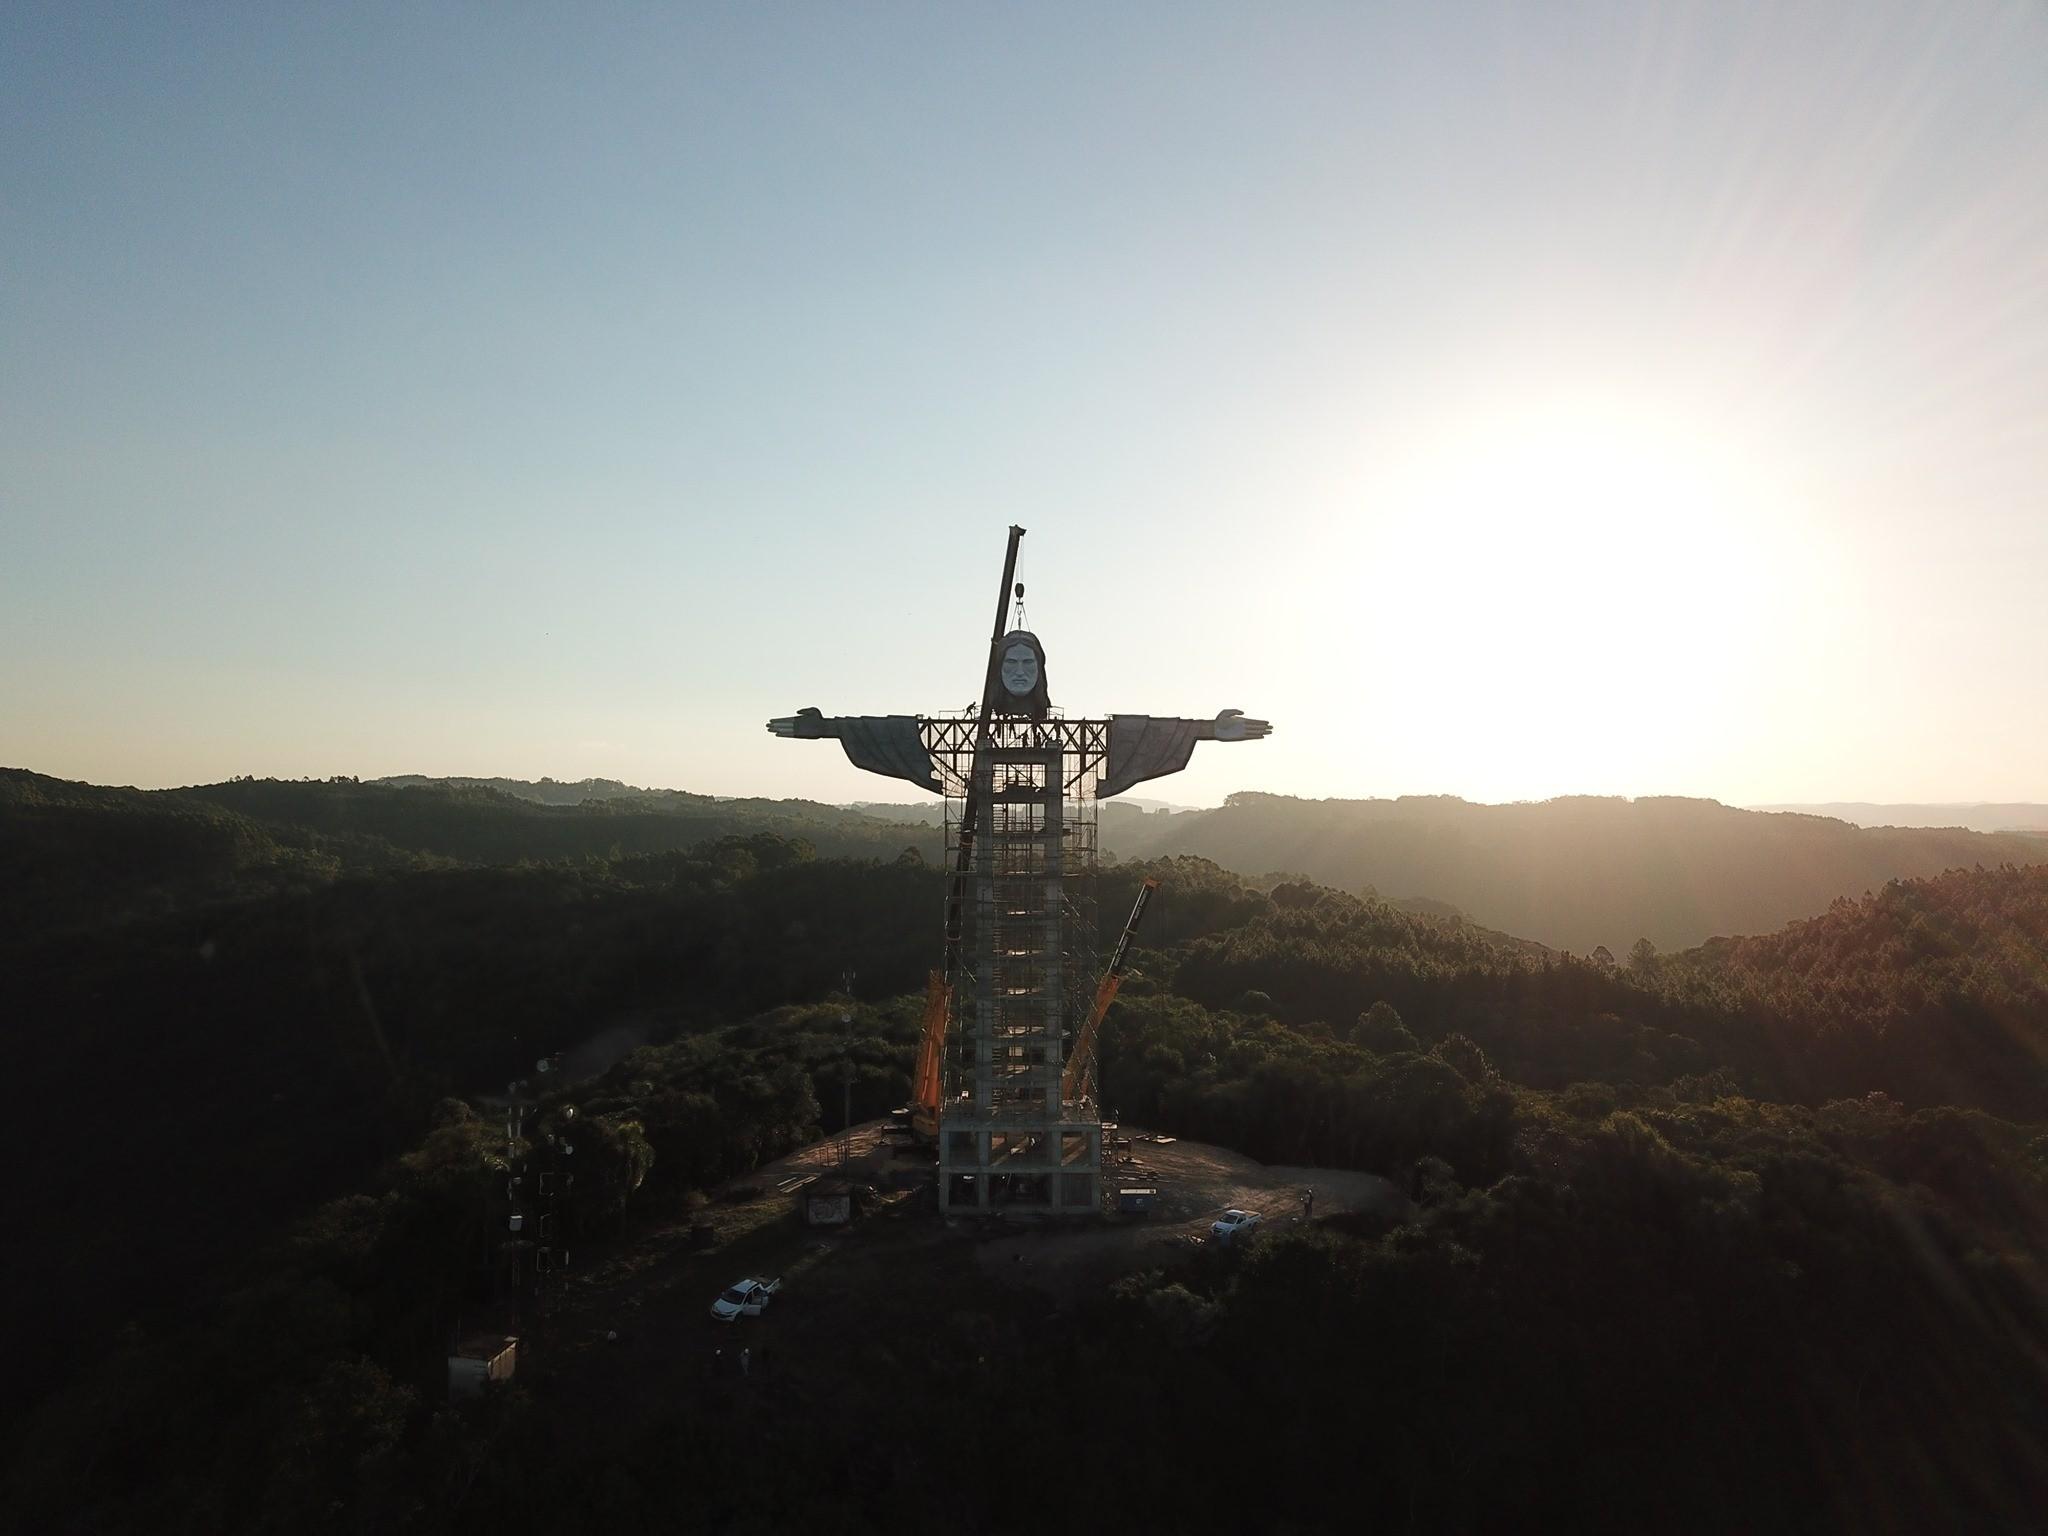 Prefeito de Encantando reage a provocação de Eduardo Paes sobre  tamanho de estátua de Cristo